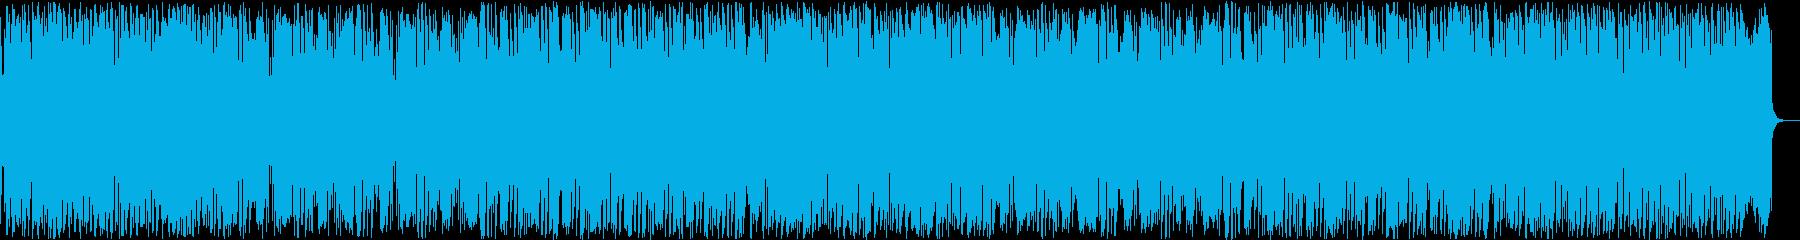 ドッキリ・パニック・楽しい・スカの再生済みの波形